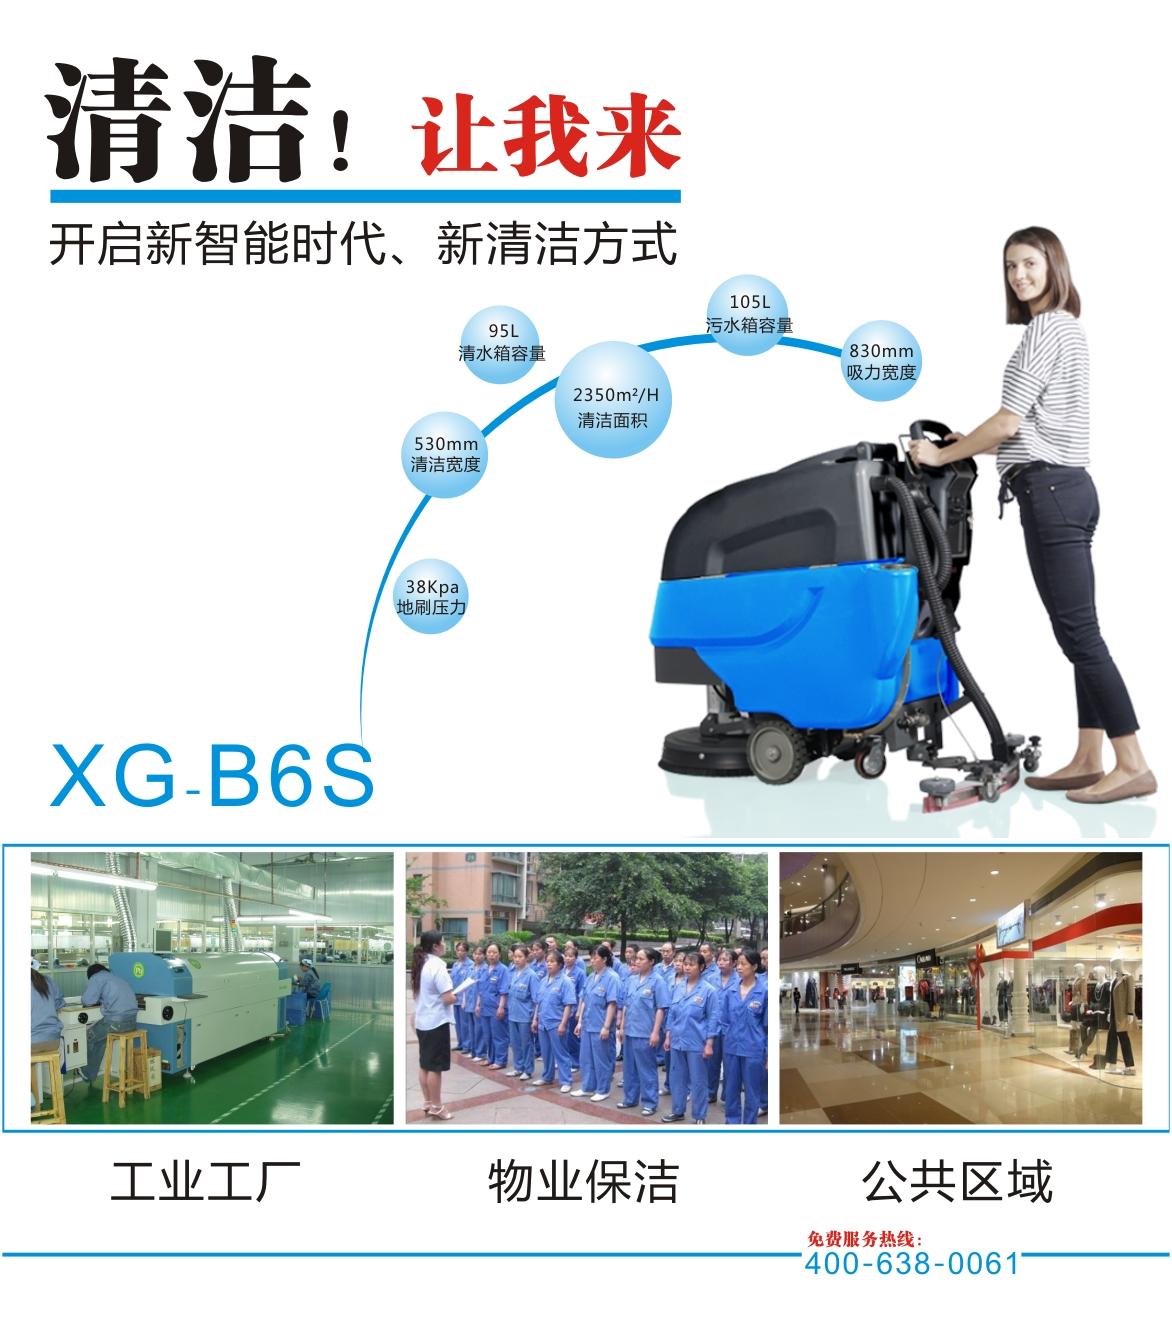 XG-B6S-2.jpg